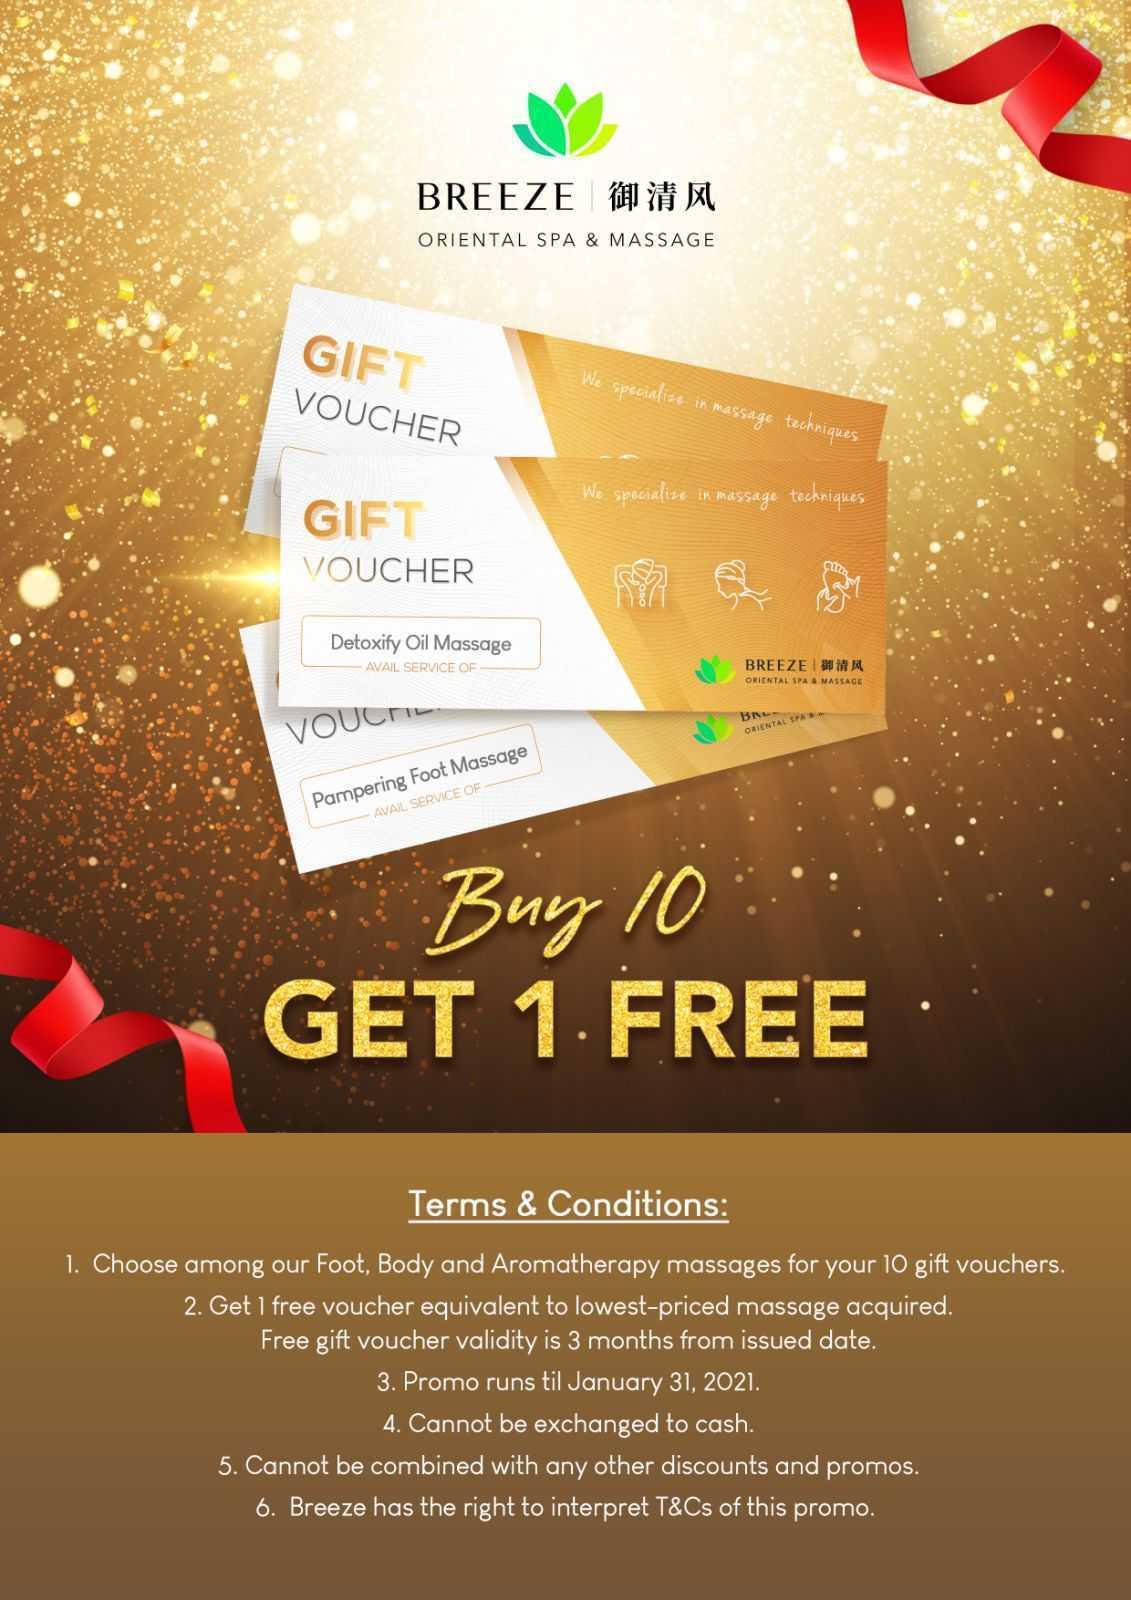 buy-10-get-1-free-promo